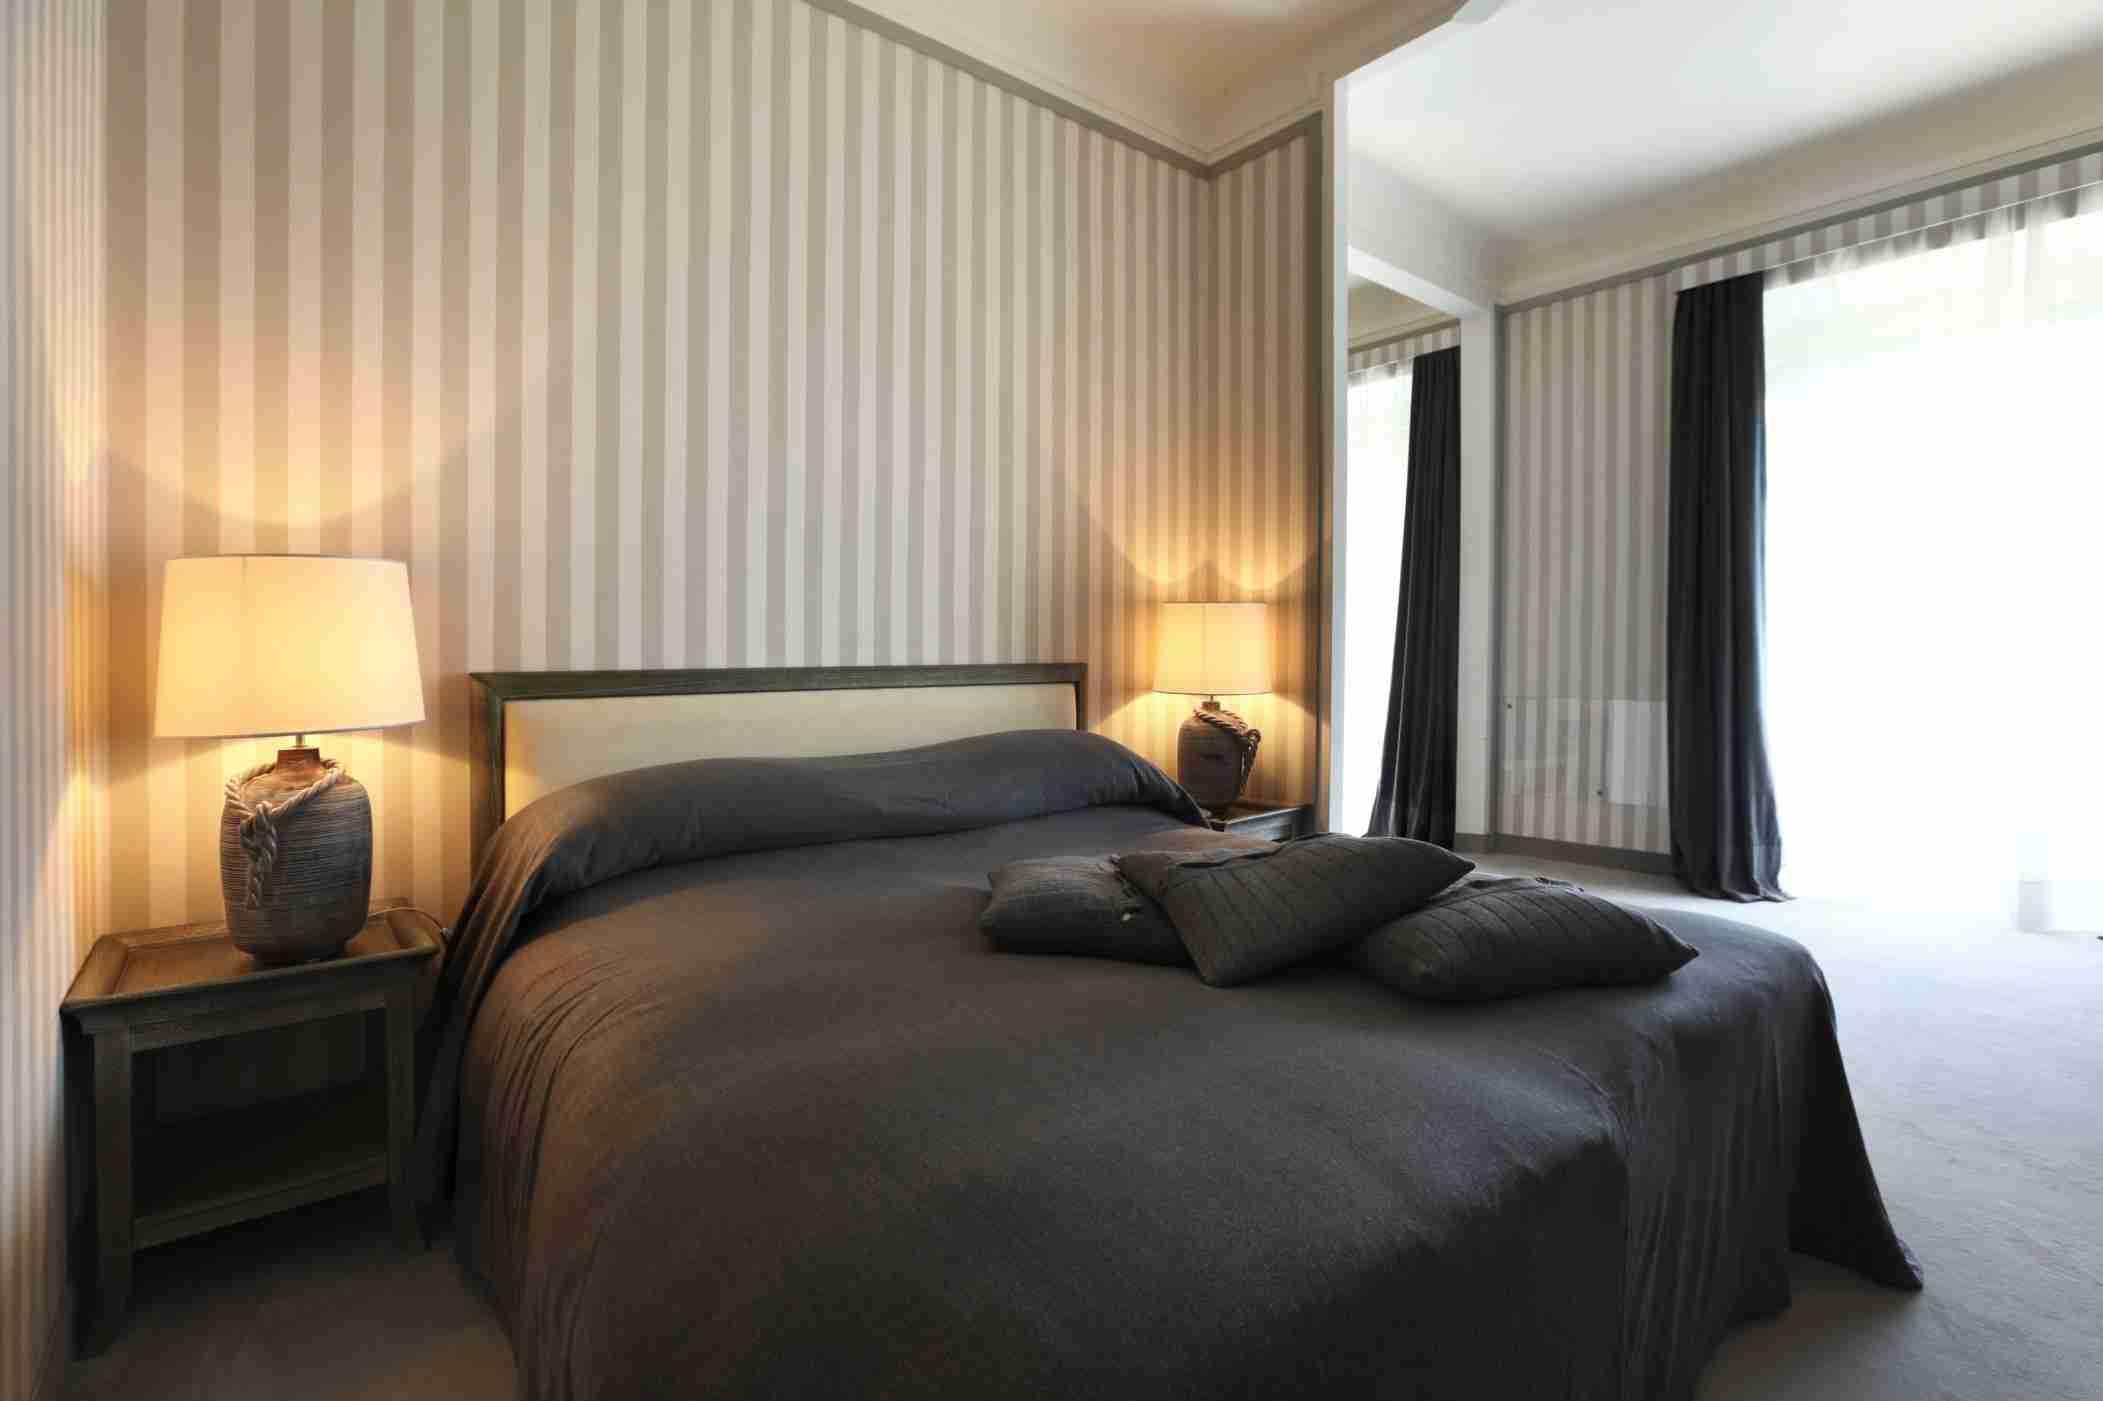 Quanto costa insonorizzare una stanza